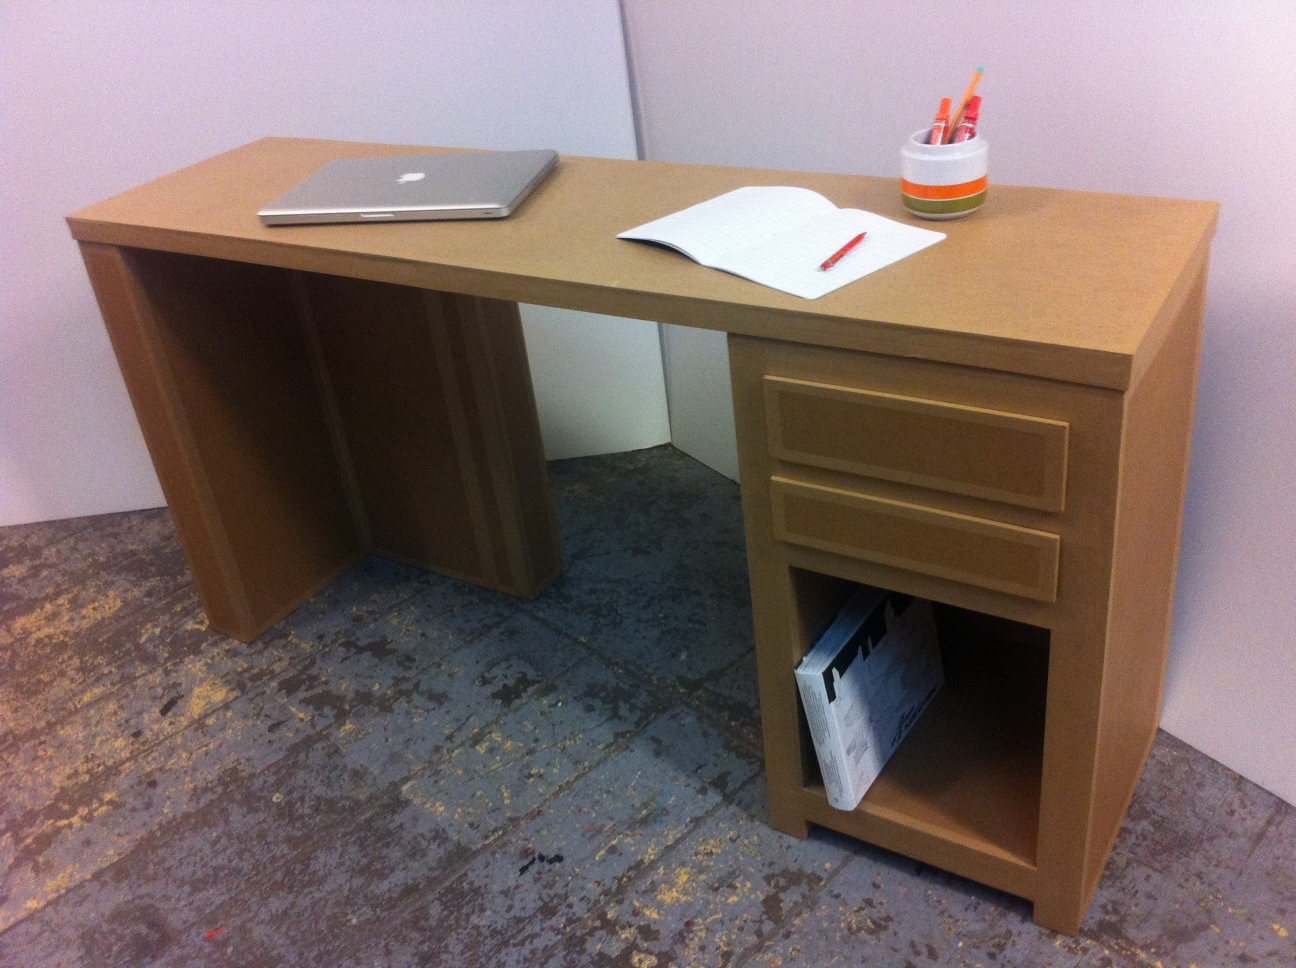 Juliadesign meuble en carton bureaux for Meuble en carton